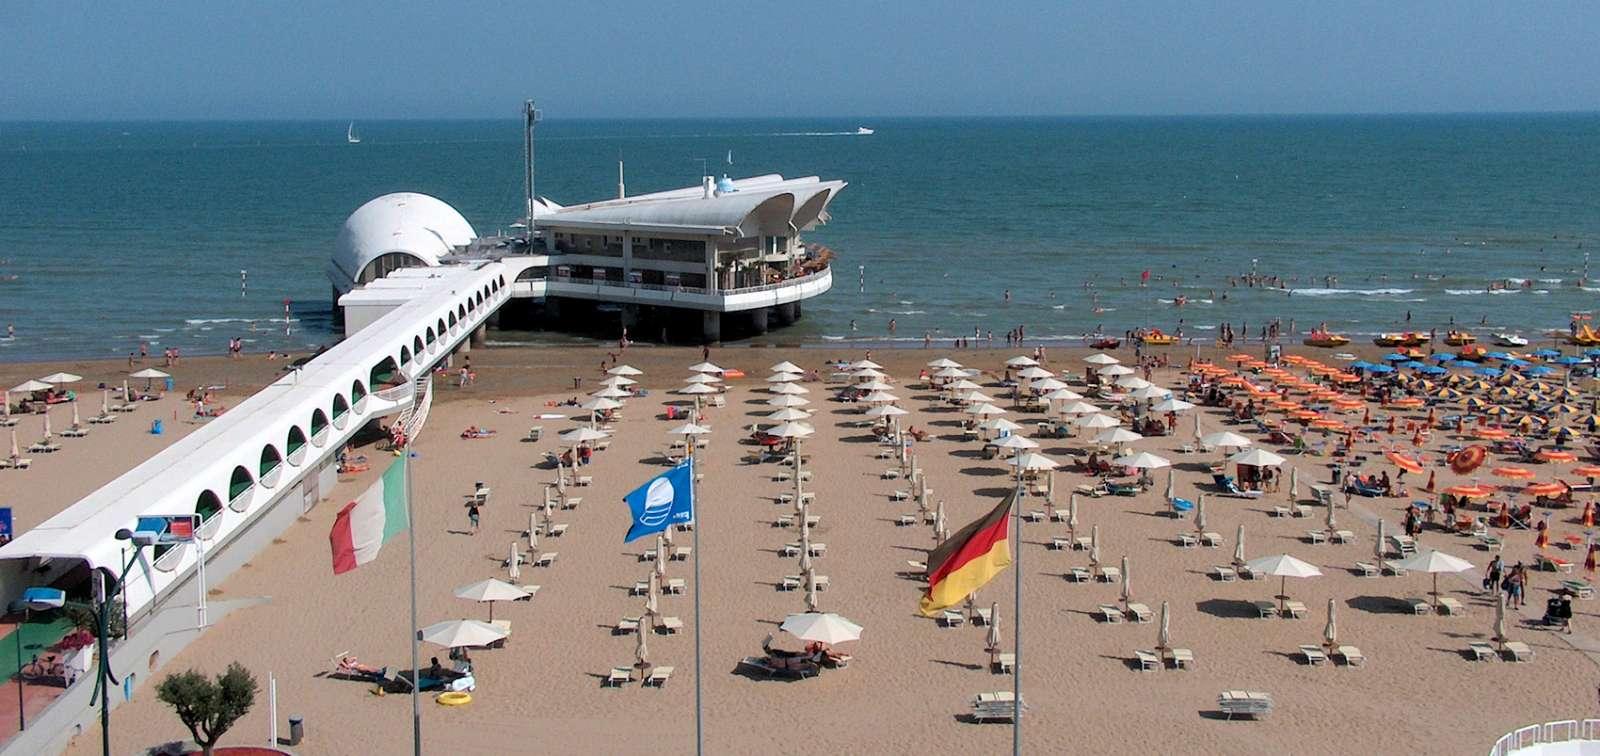 Golden sandy beach in Lignano